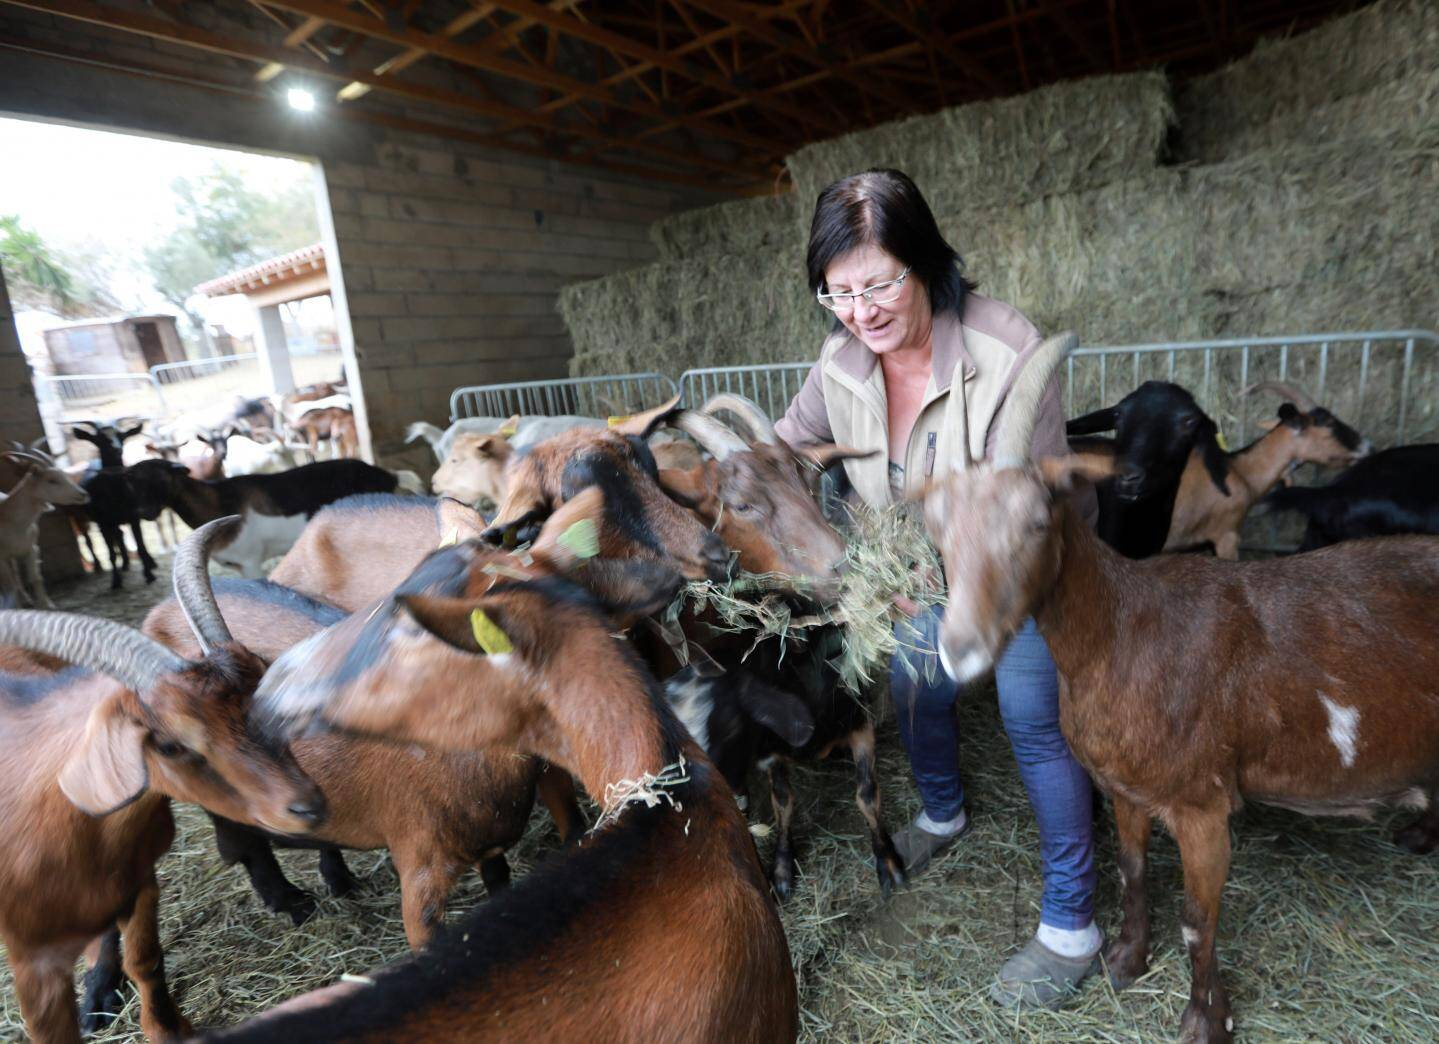 Tous les jours, les chèvres reçoivent un complément de nourriture en foin dont le coût a augmenté de 15 euros par tonne avec la sécheresse.